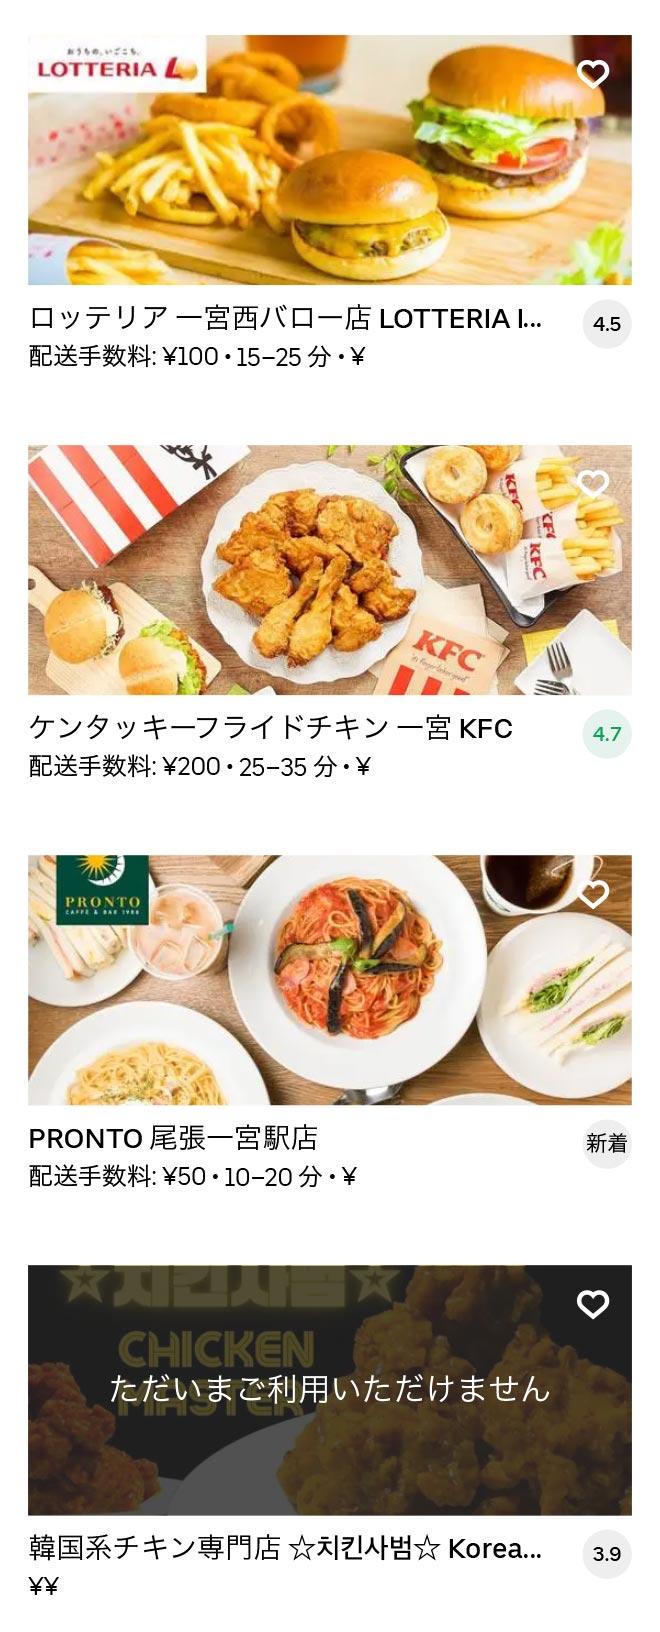 Ichinomiya menu 2010 09